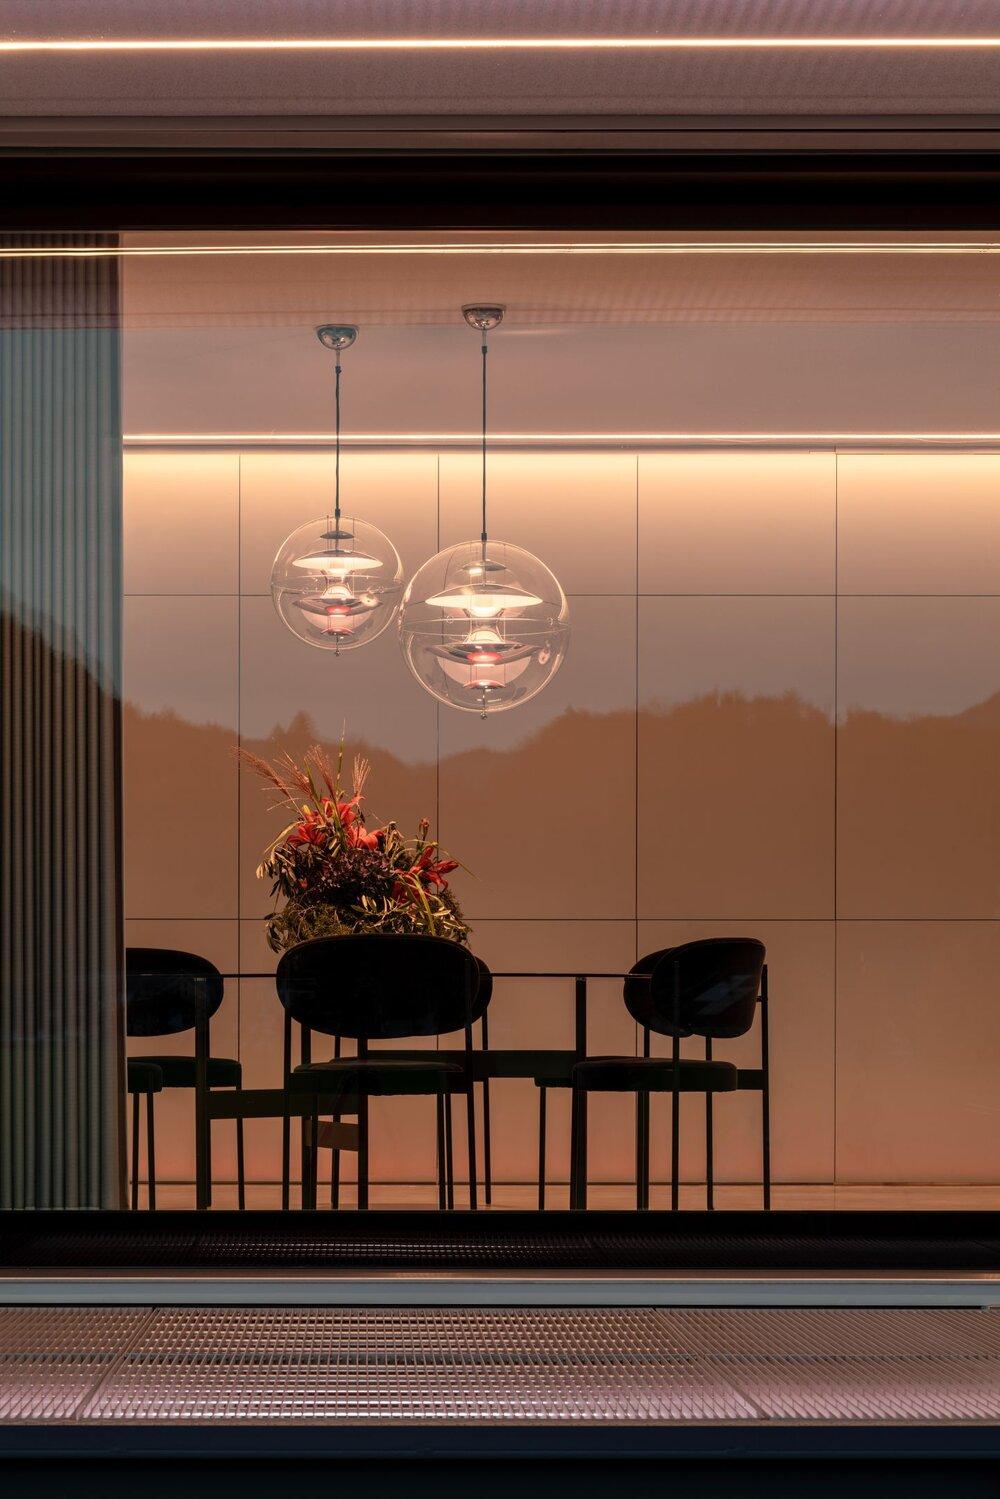 Das weitgehend verglaste Untergeschoss gewährt einzigartige Ein- und Ausblicke © Florian Holzherr